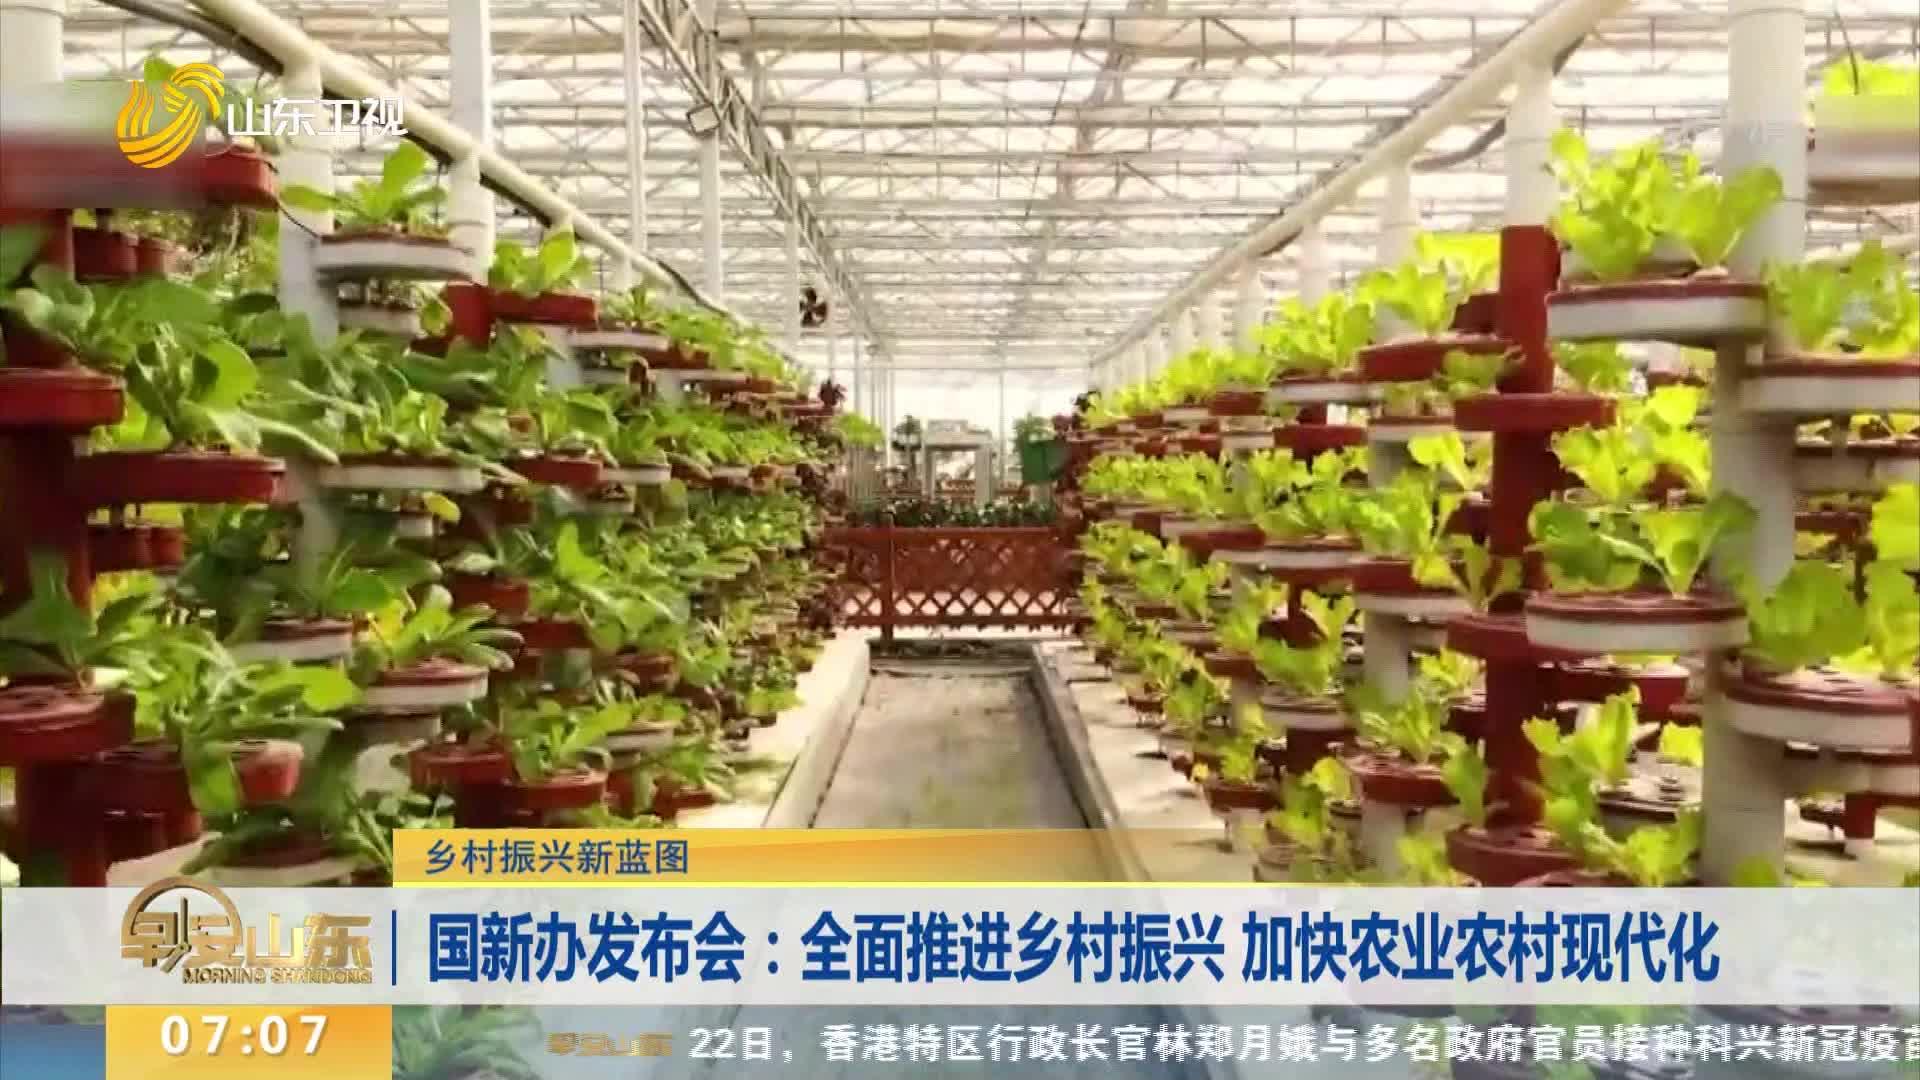 【乡村振兴新蓝图】国新办发布会:全面推进乡村振兴 加快农业农村现代化